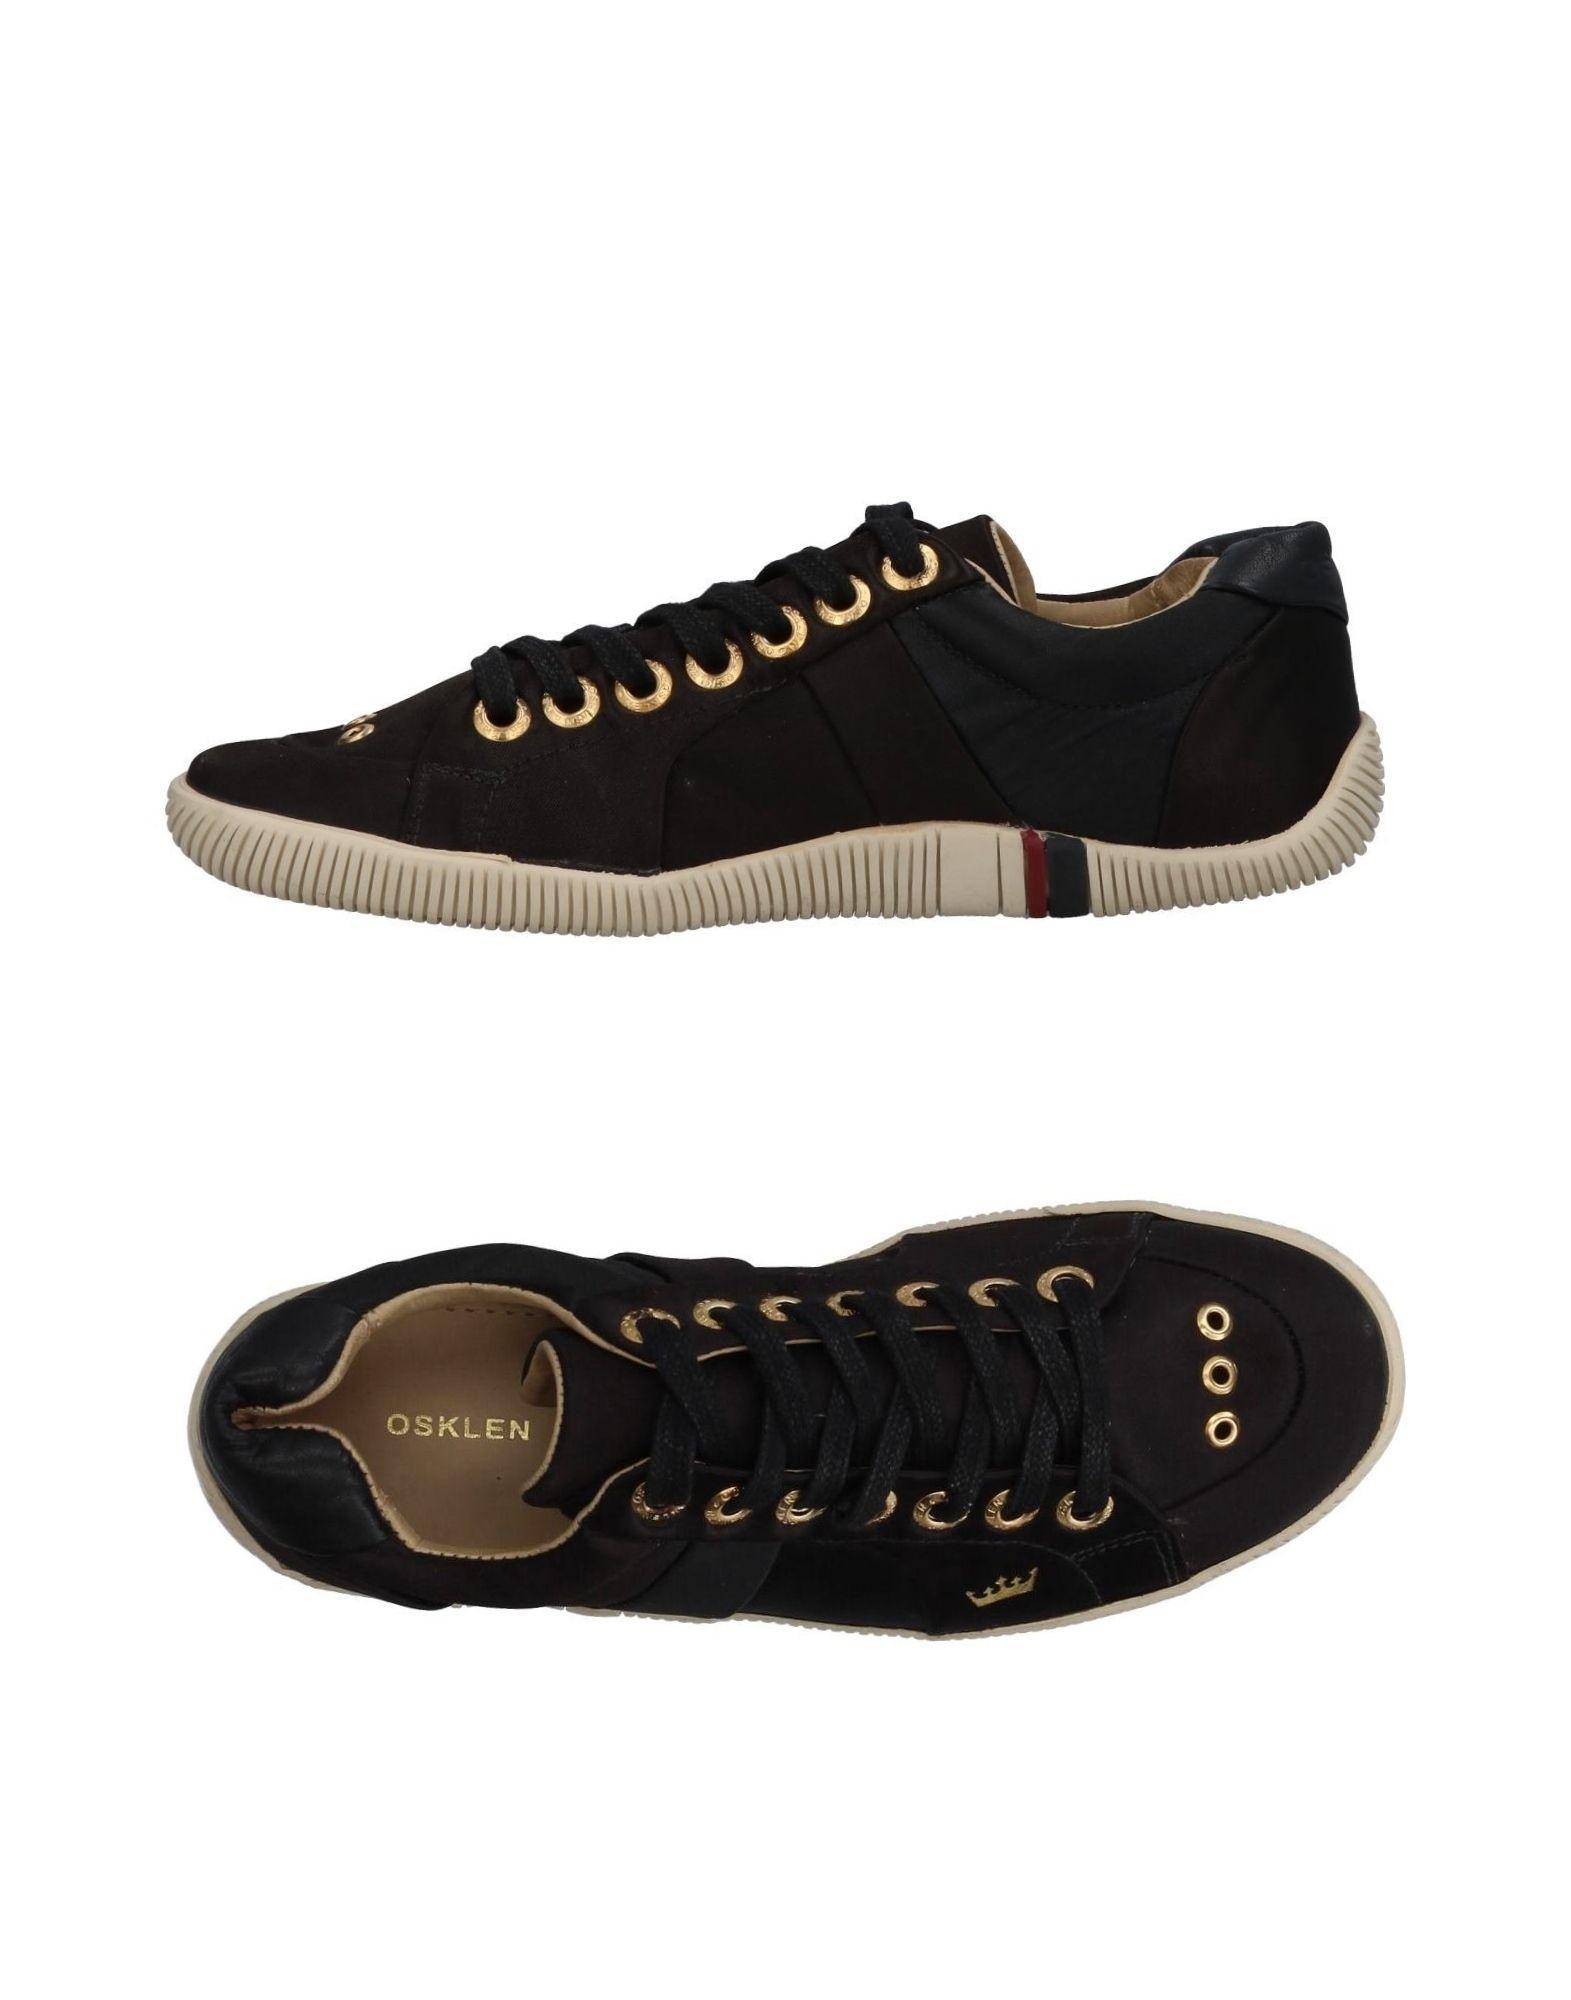 Osklen Sneakers Damen  11410730XB Gute Qualität beliebte Schuhe